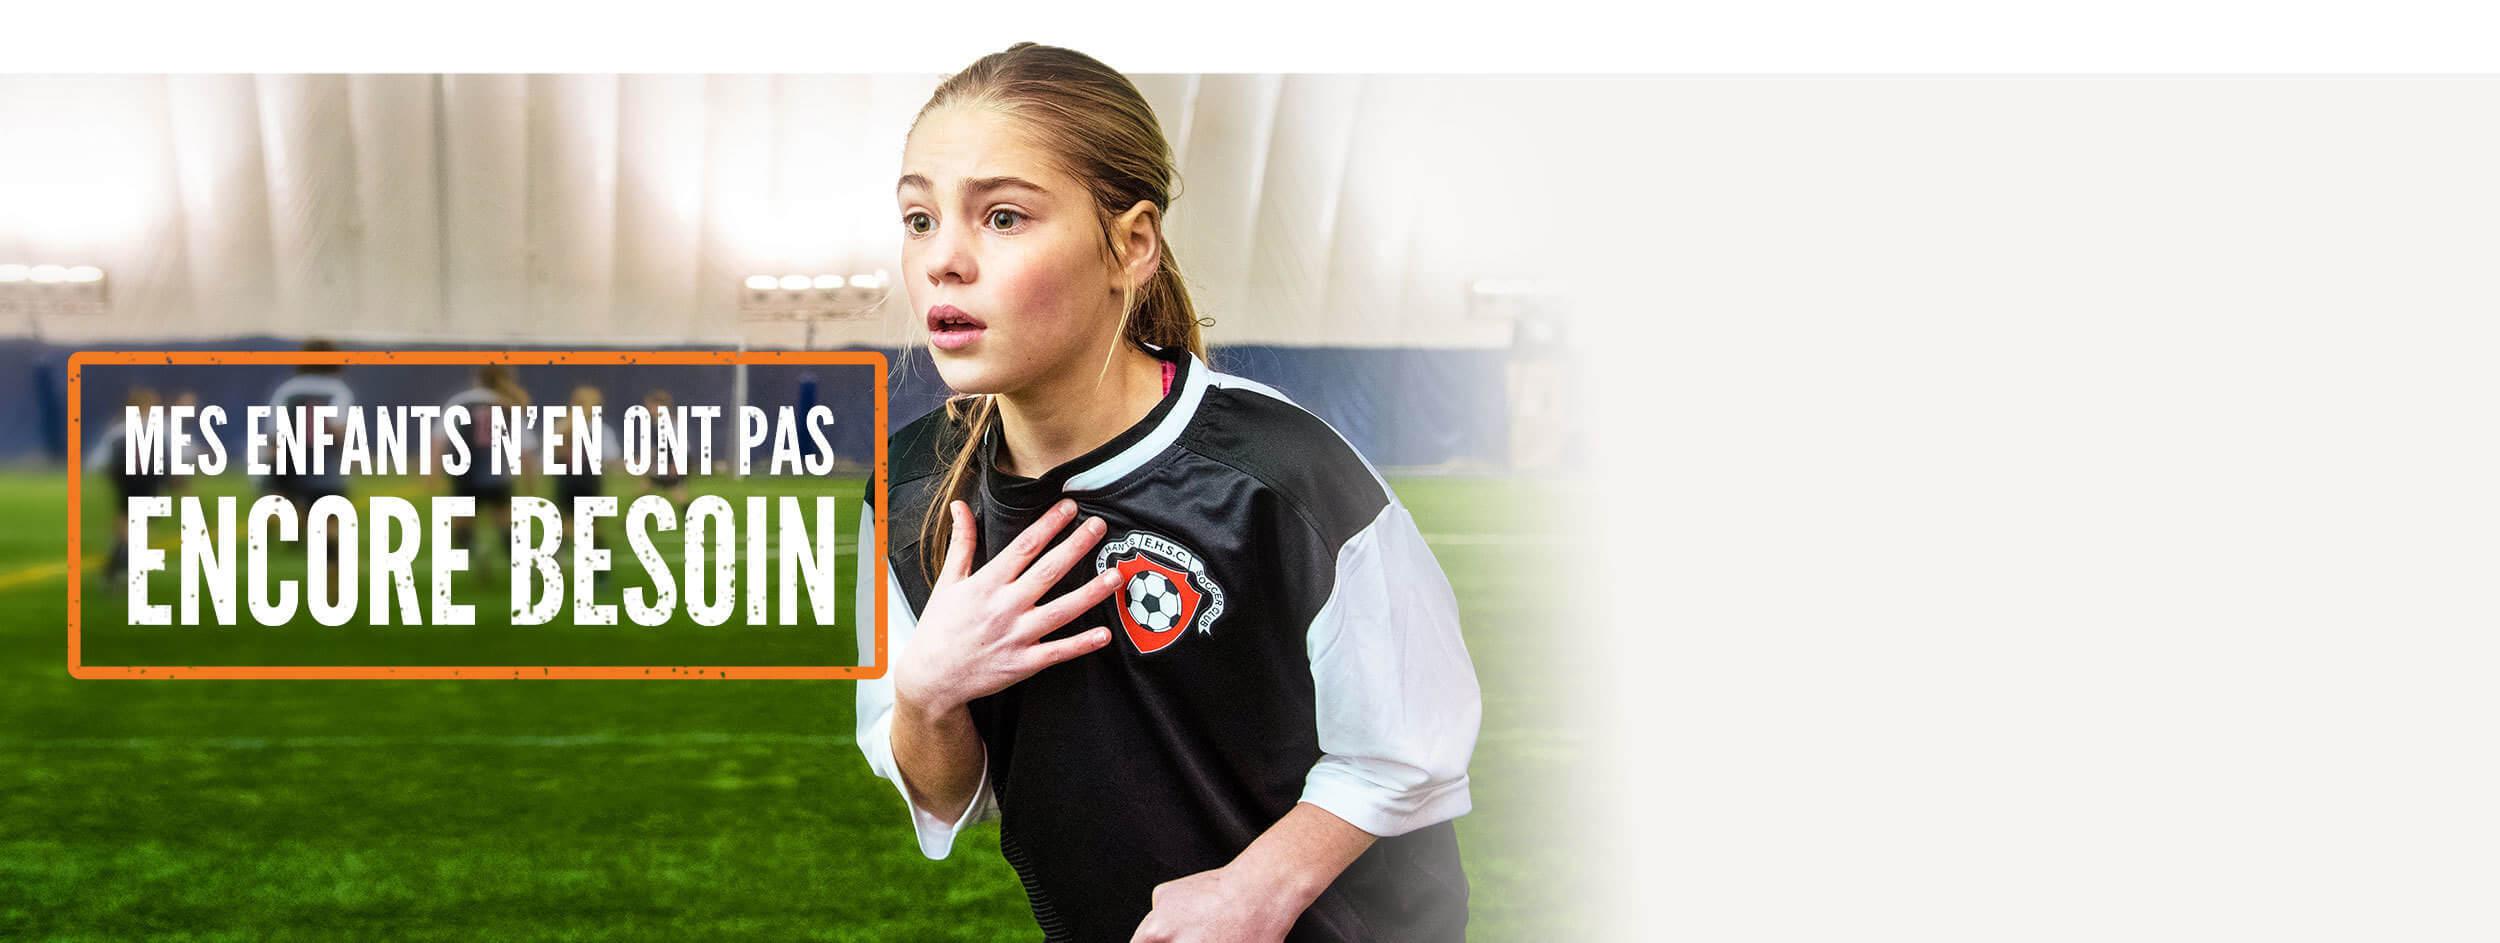 Photo d'une jeune fille jouant au soccer. Le texte « Mes enfants n'en ont pas encore besoin » accompagne la photo.